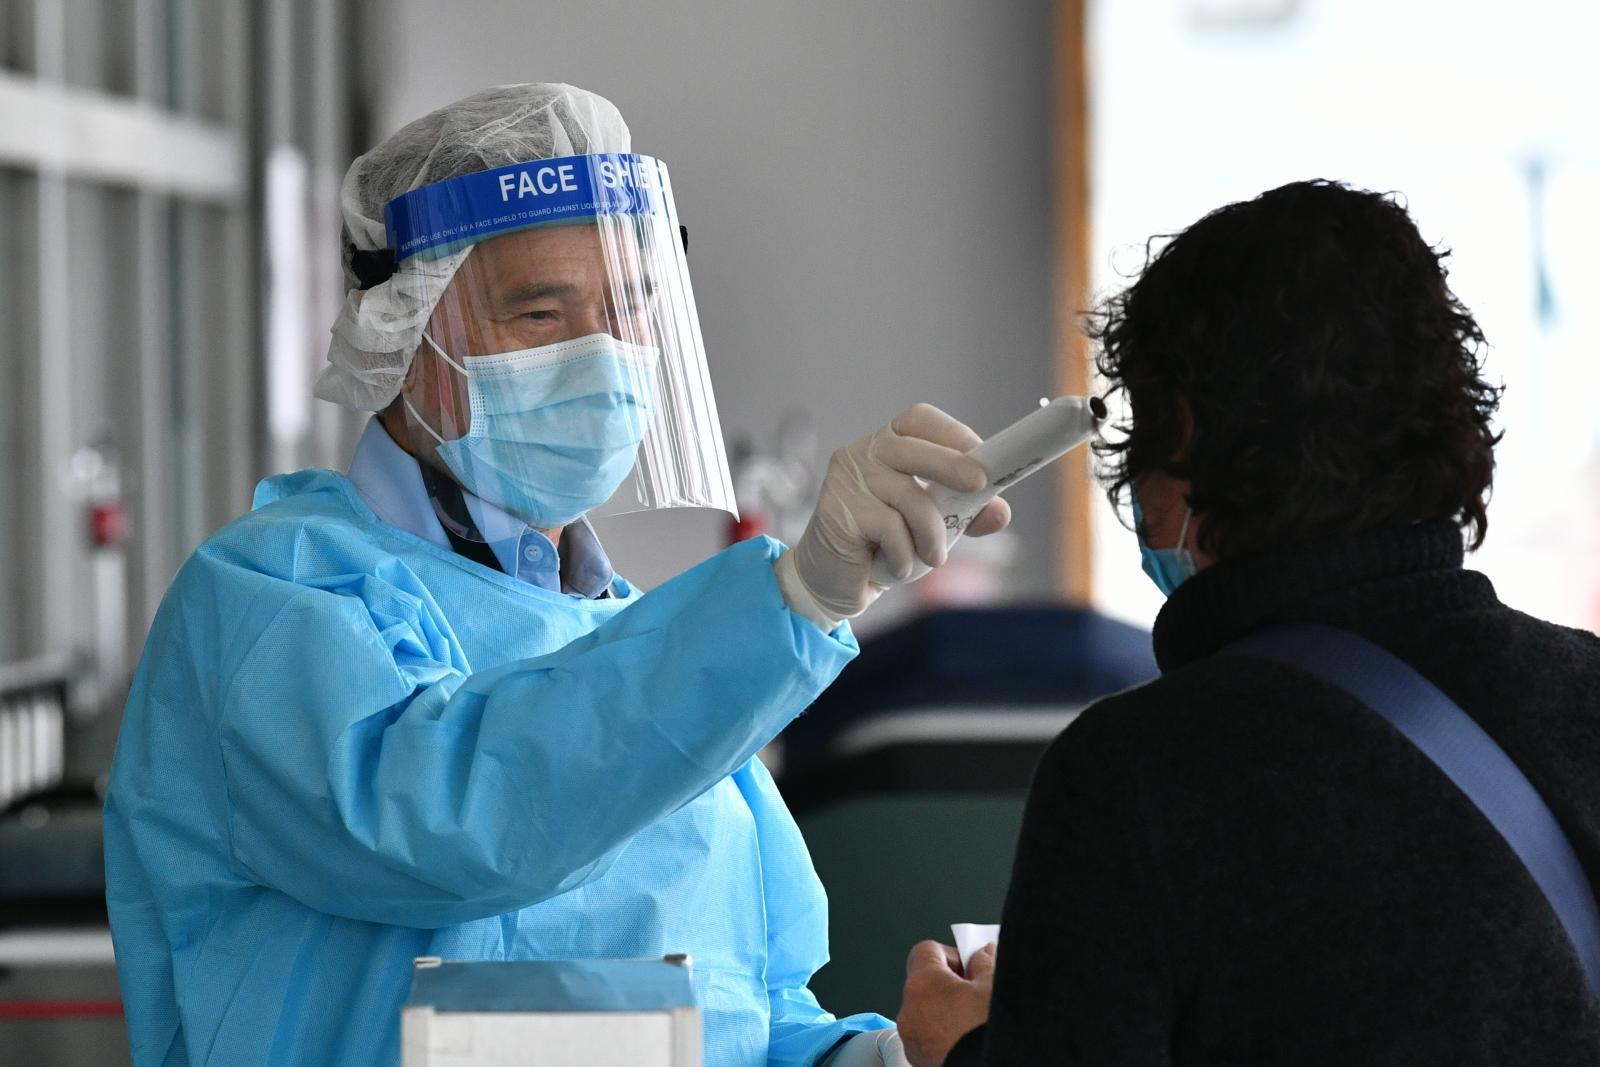 """จีน ยอมรับสู้ """"ไวรัสโคโรนา"""" ไม่ดีพอ สั่งไฟเขียวสหรัฐฯ ส่งทีมแพทย์เข้าช่วย"""